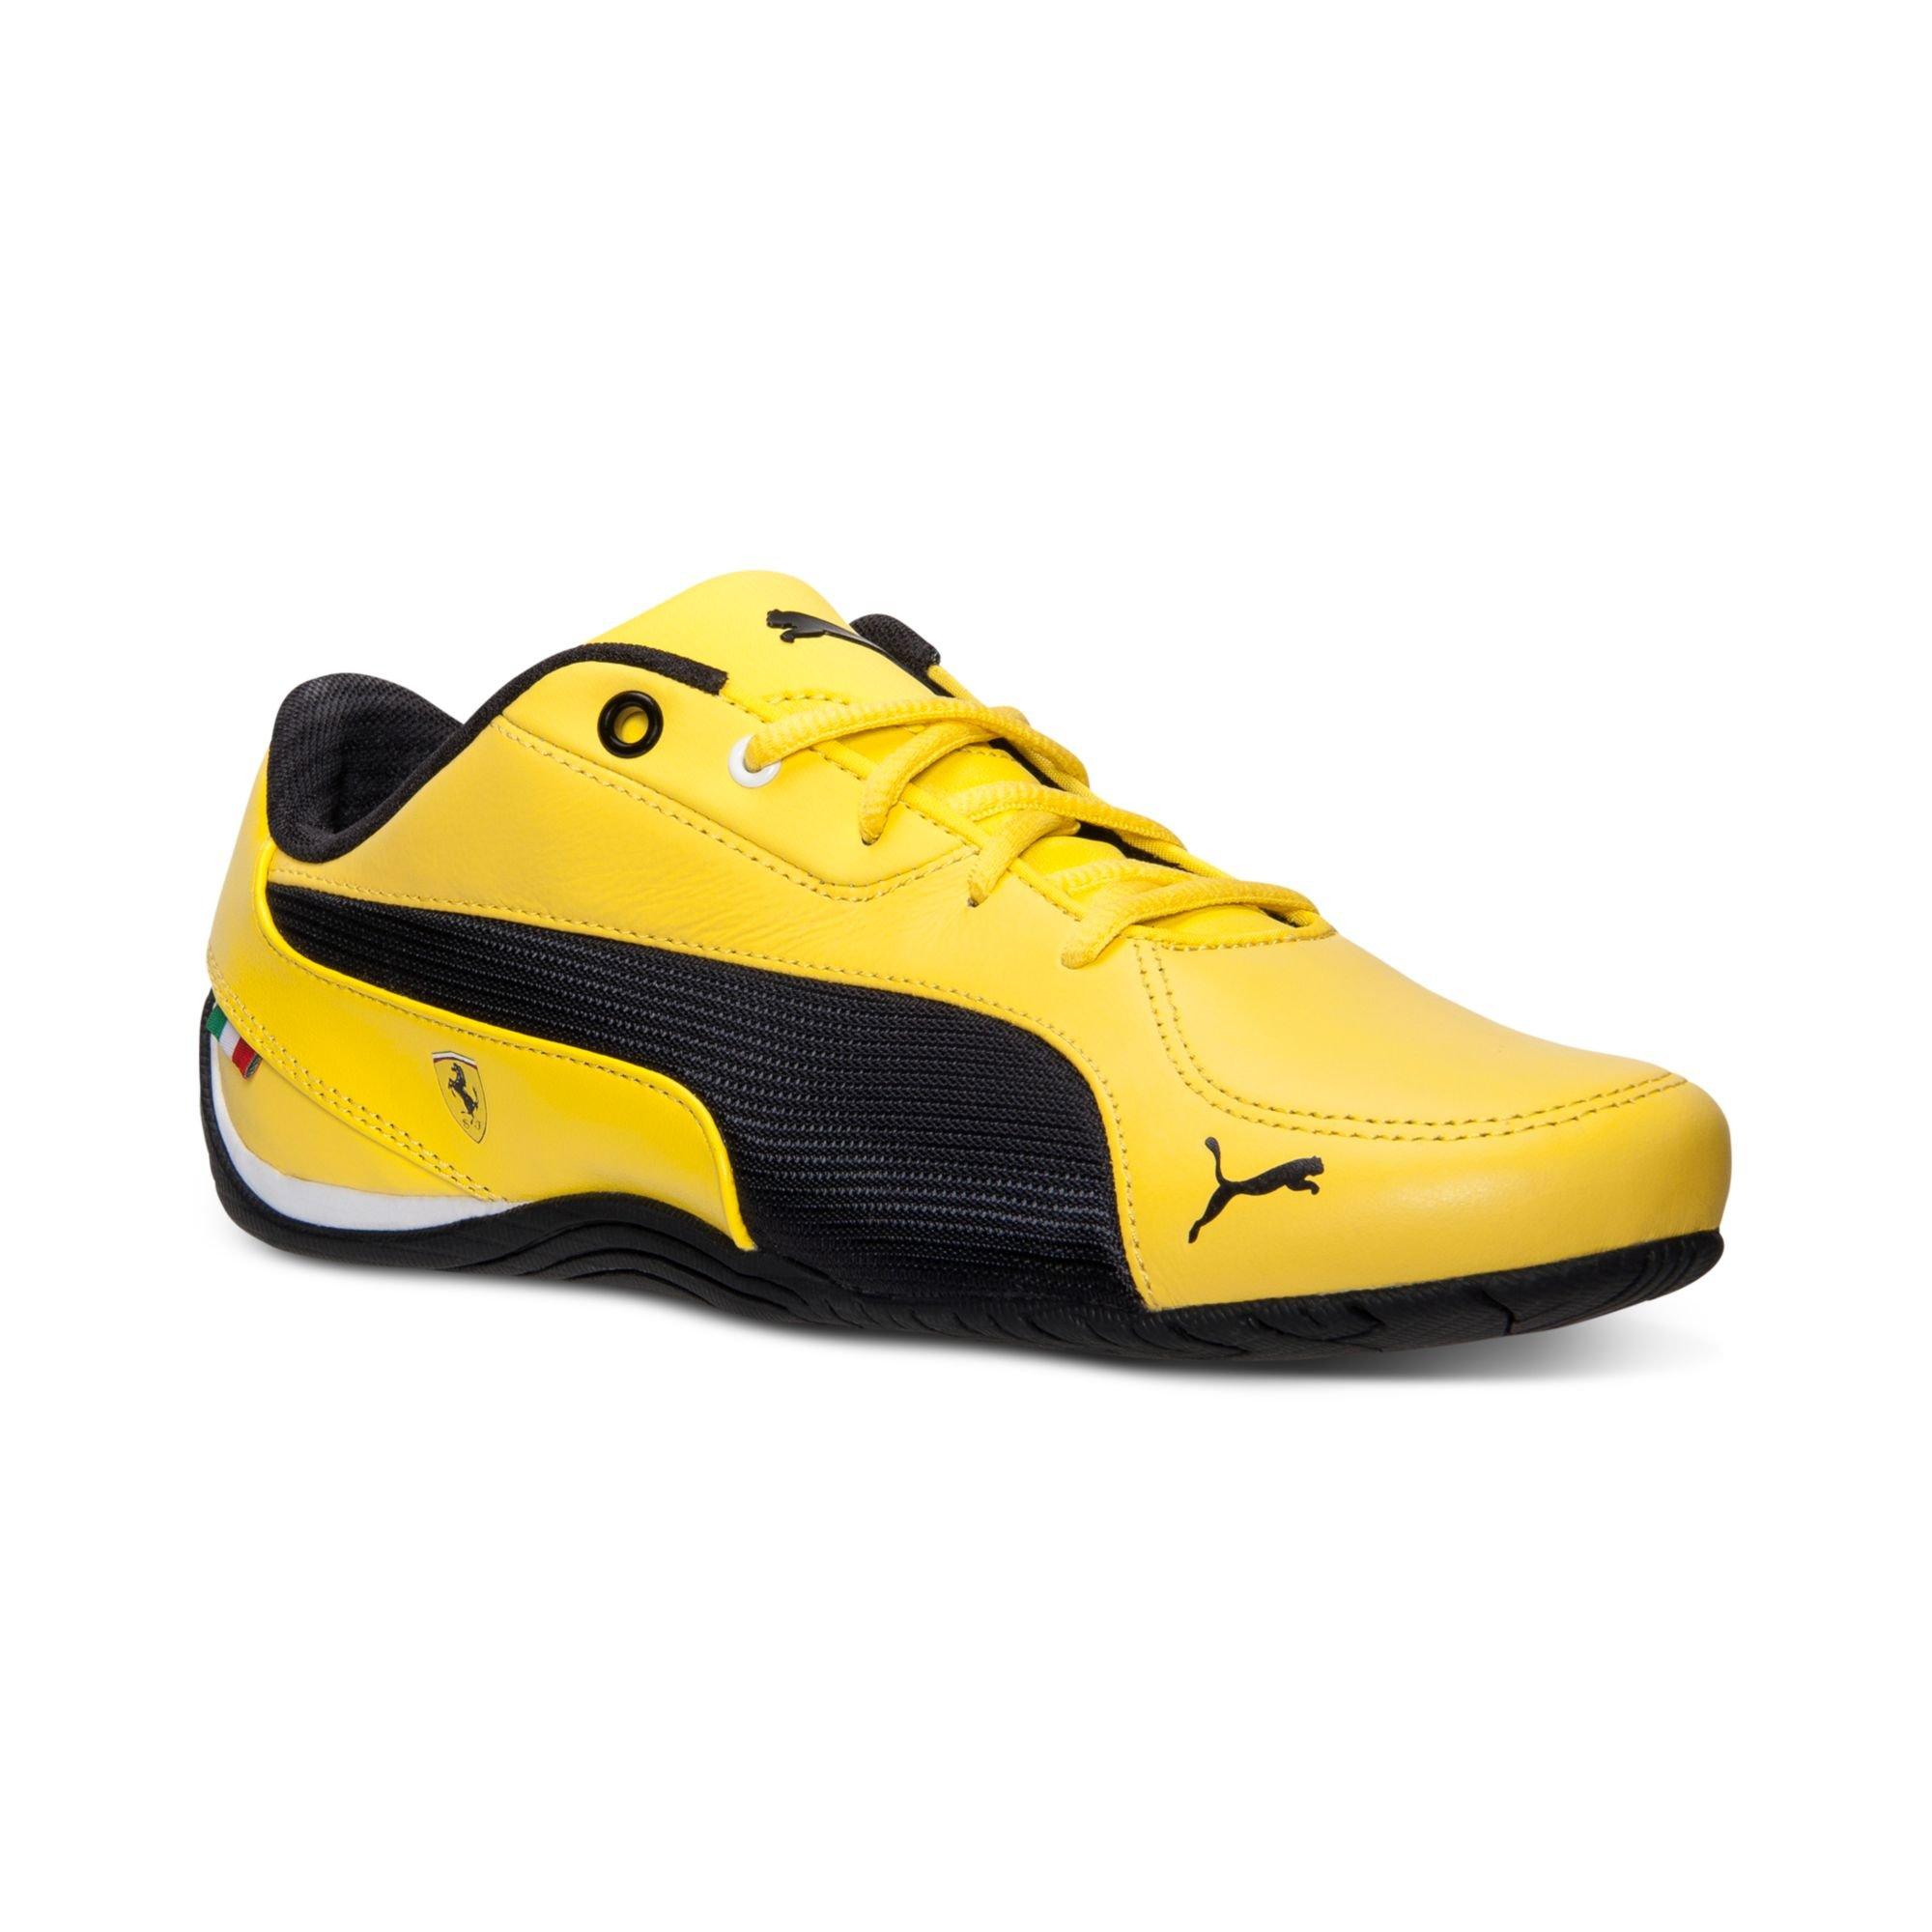 Image Result For Mac Wallpaper Mens Puma Ferrari Shoes